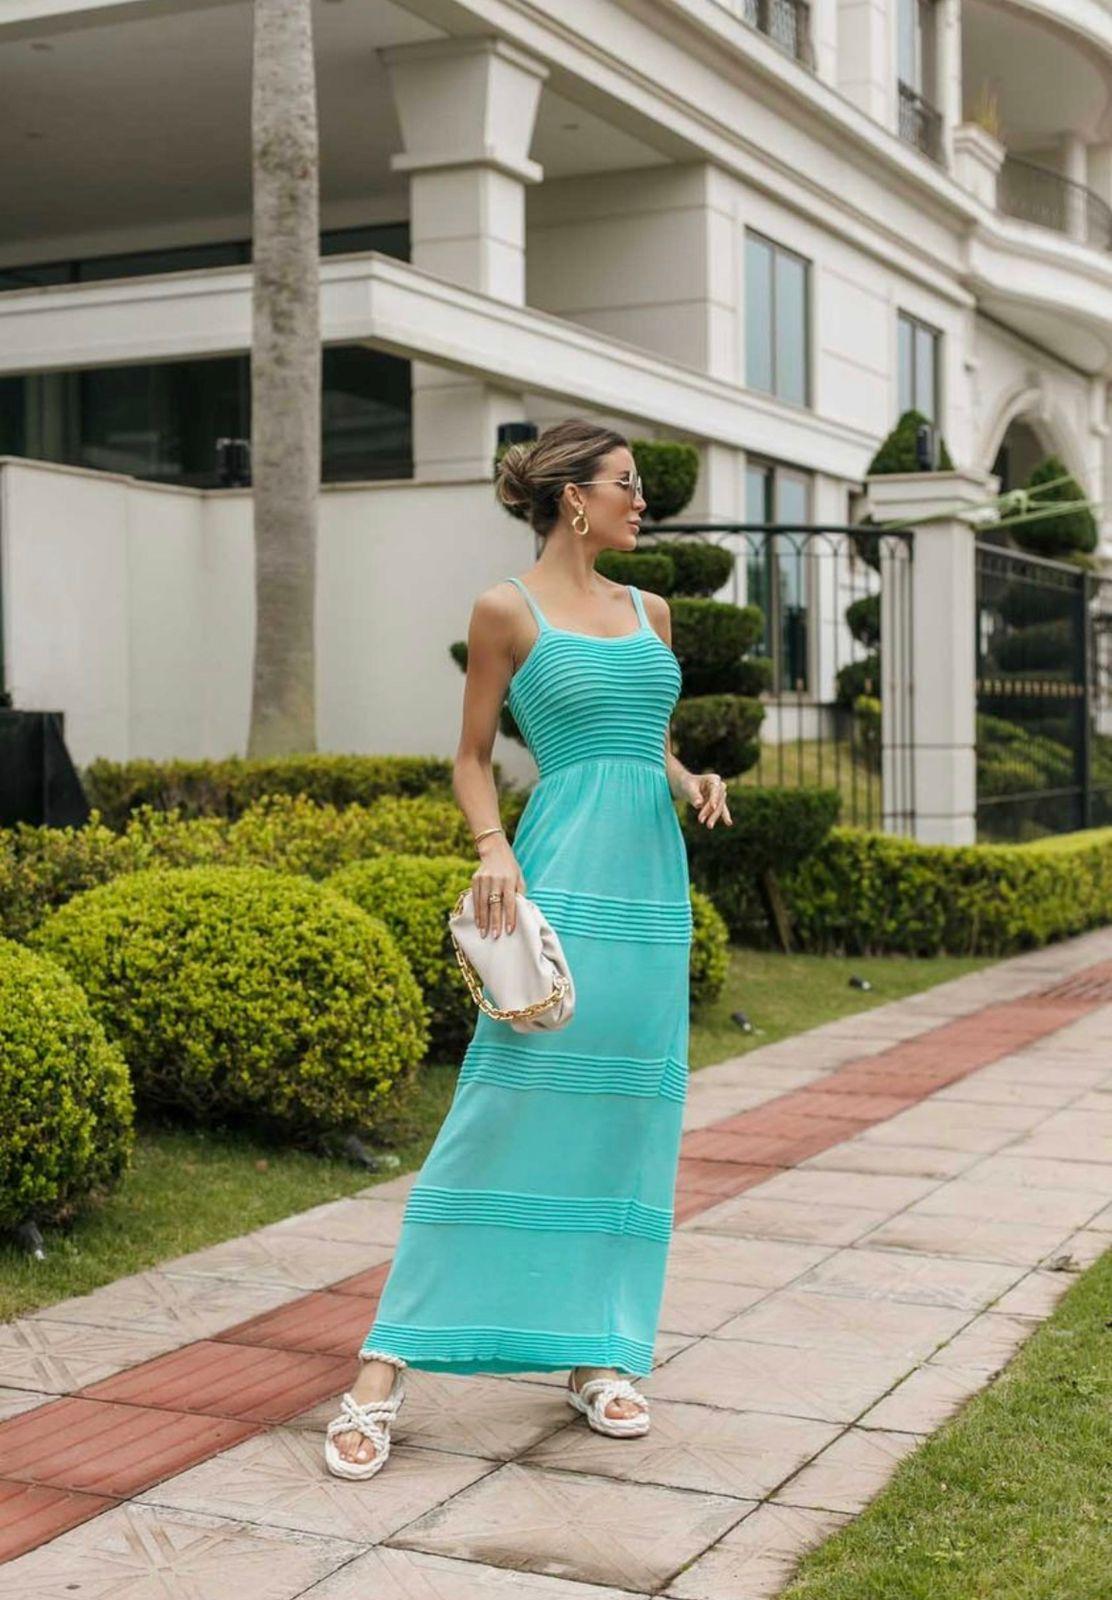 Vestido de Tricot Modal Longo de Alças Verde Tiffany